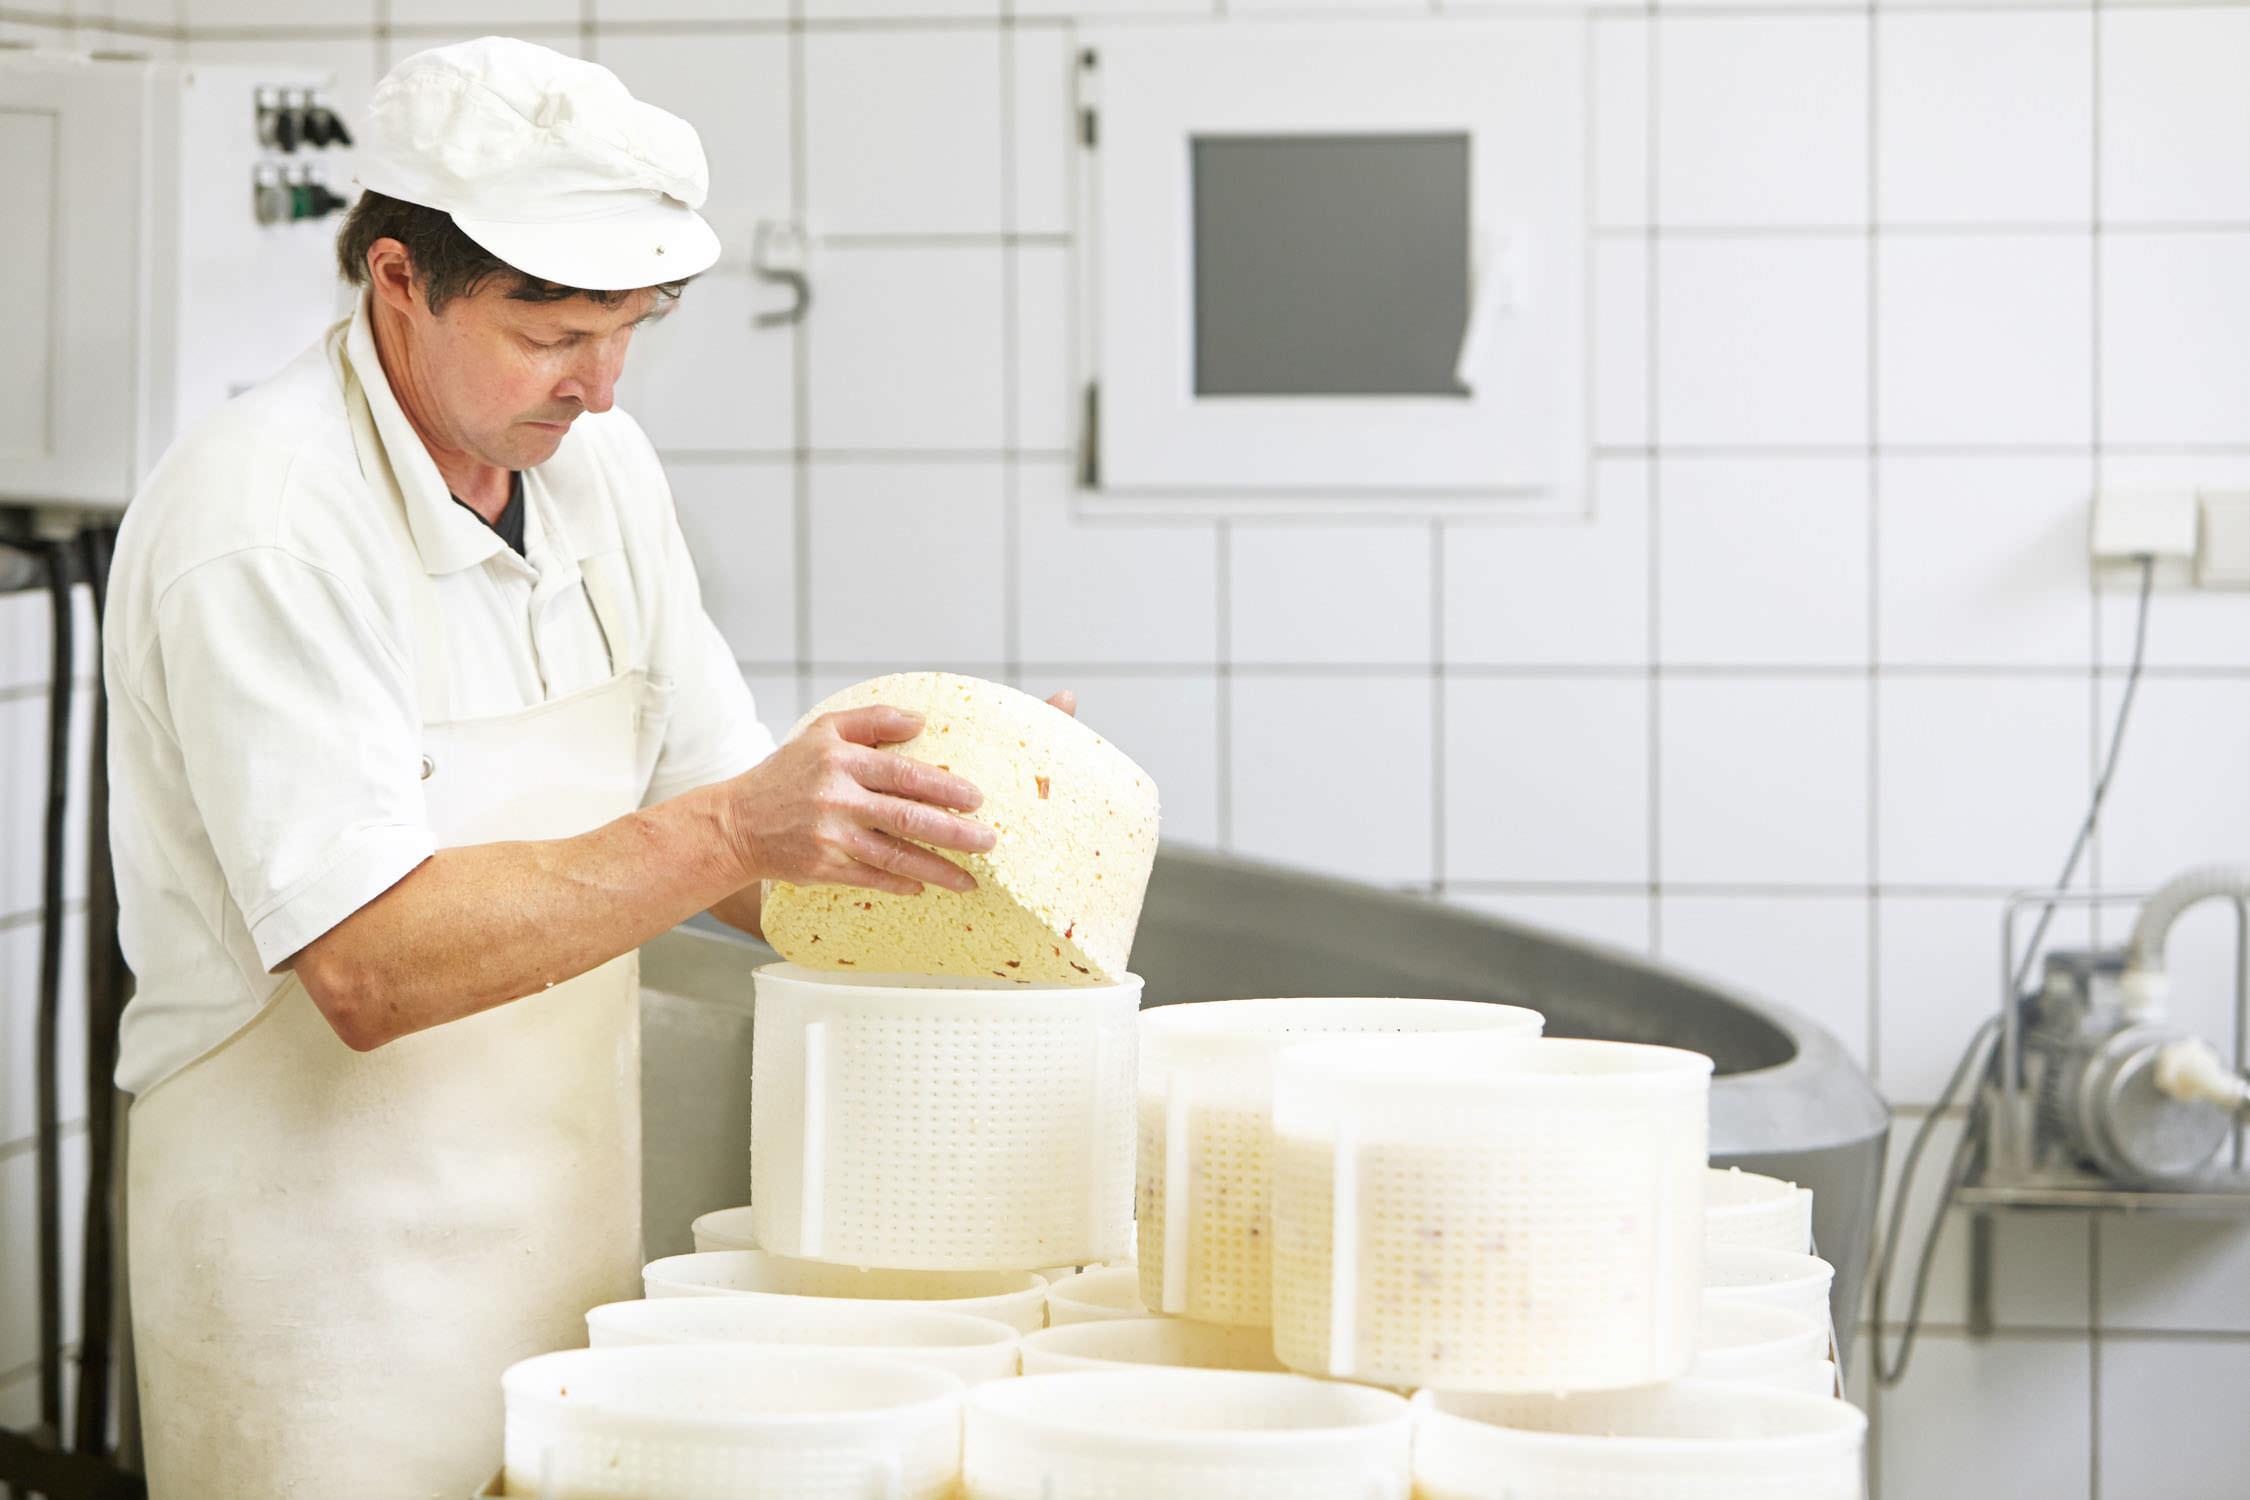 honhardter demeter höfe käseherstellung josef huber kraus Käser käse Formen Milch Käserei jörn strojny